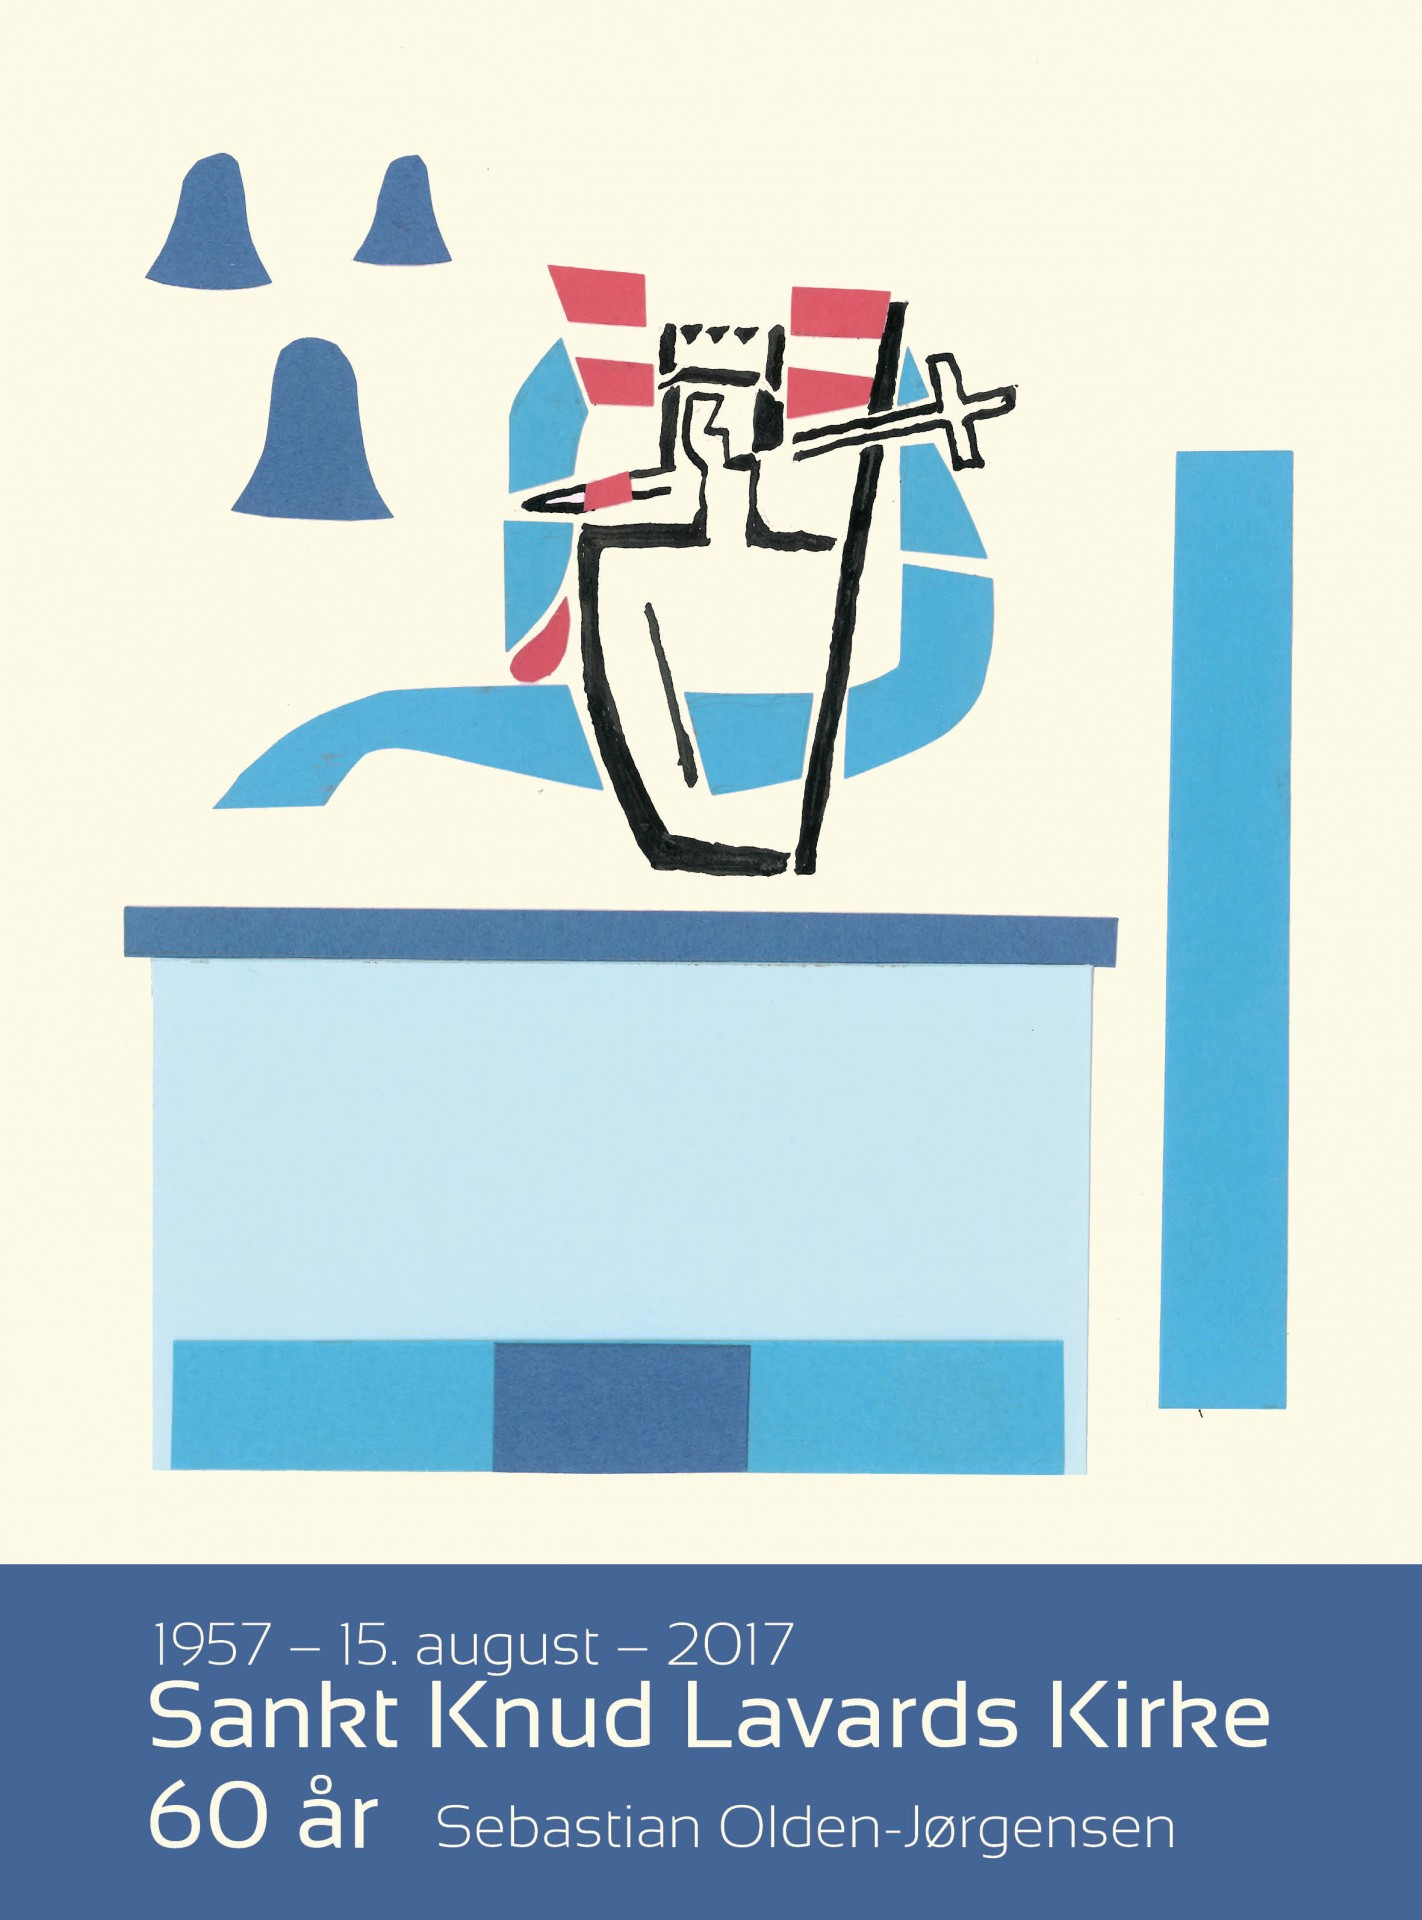 Sankt Knud Lavards Kirke 60 år. 1957 - 15. august - 2017